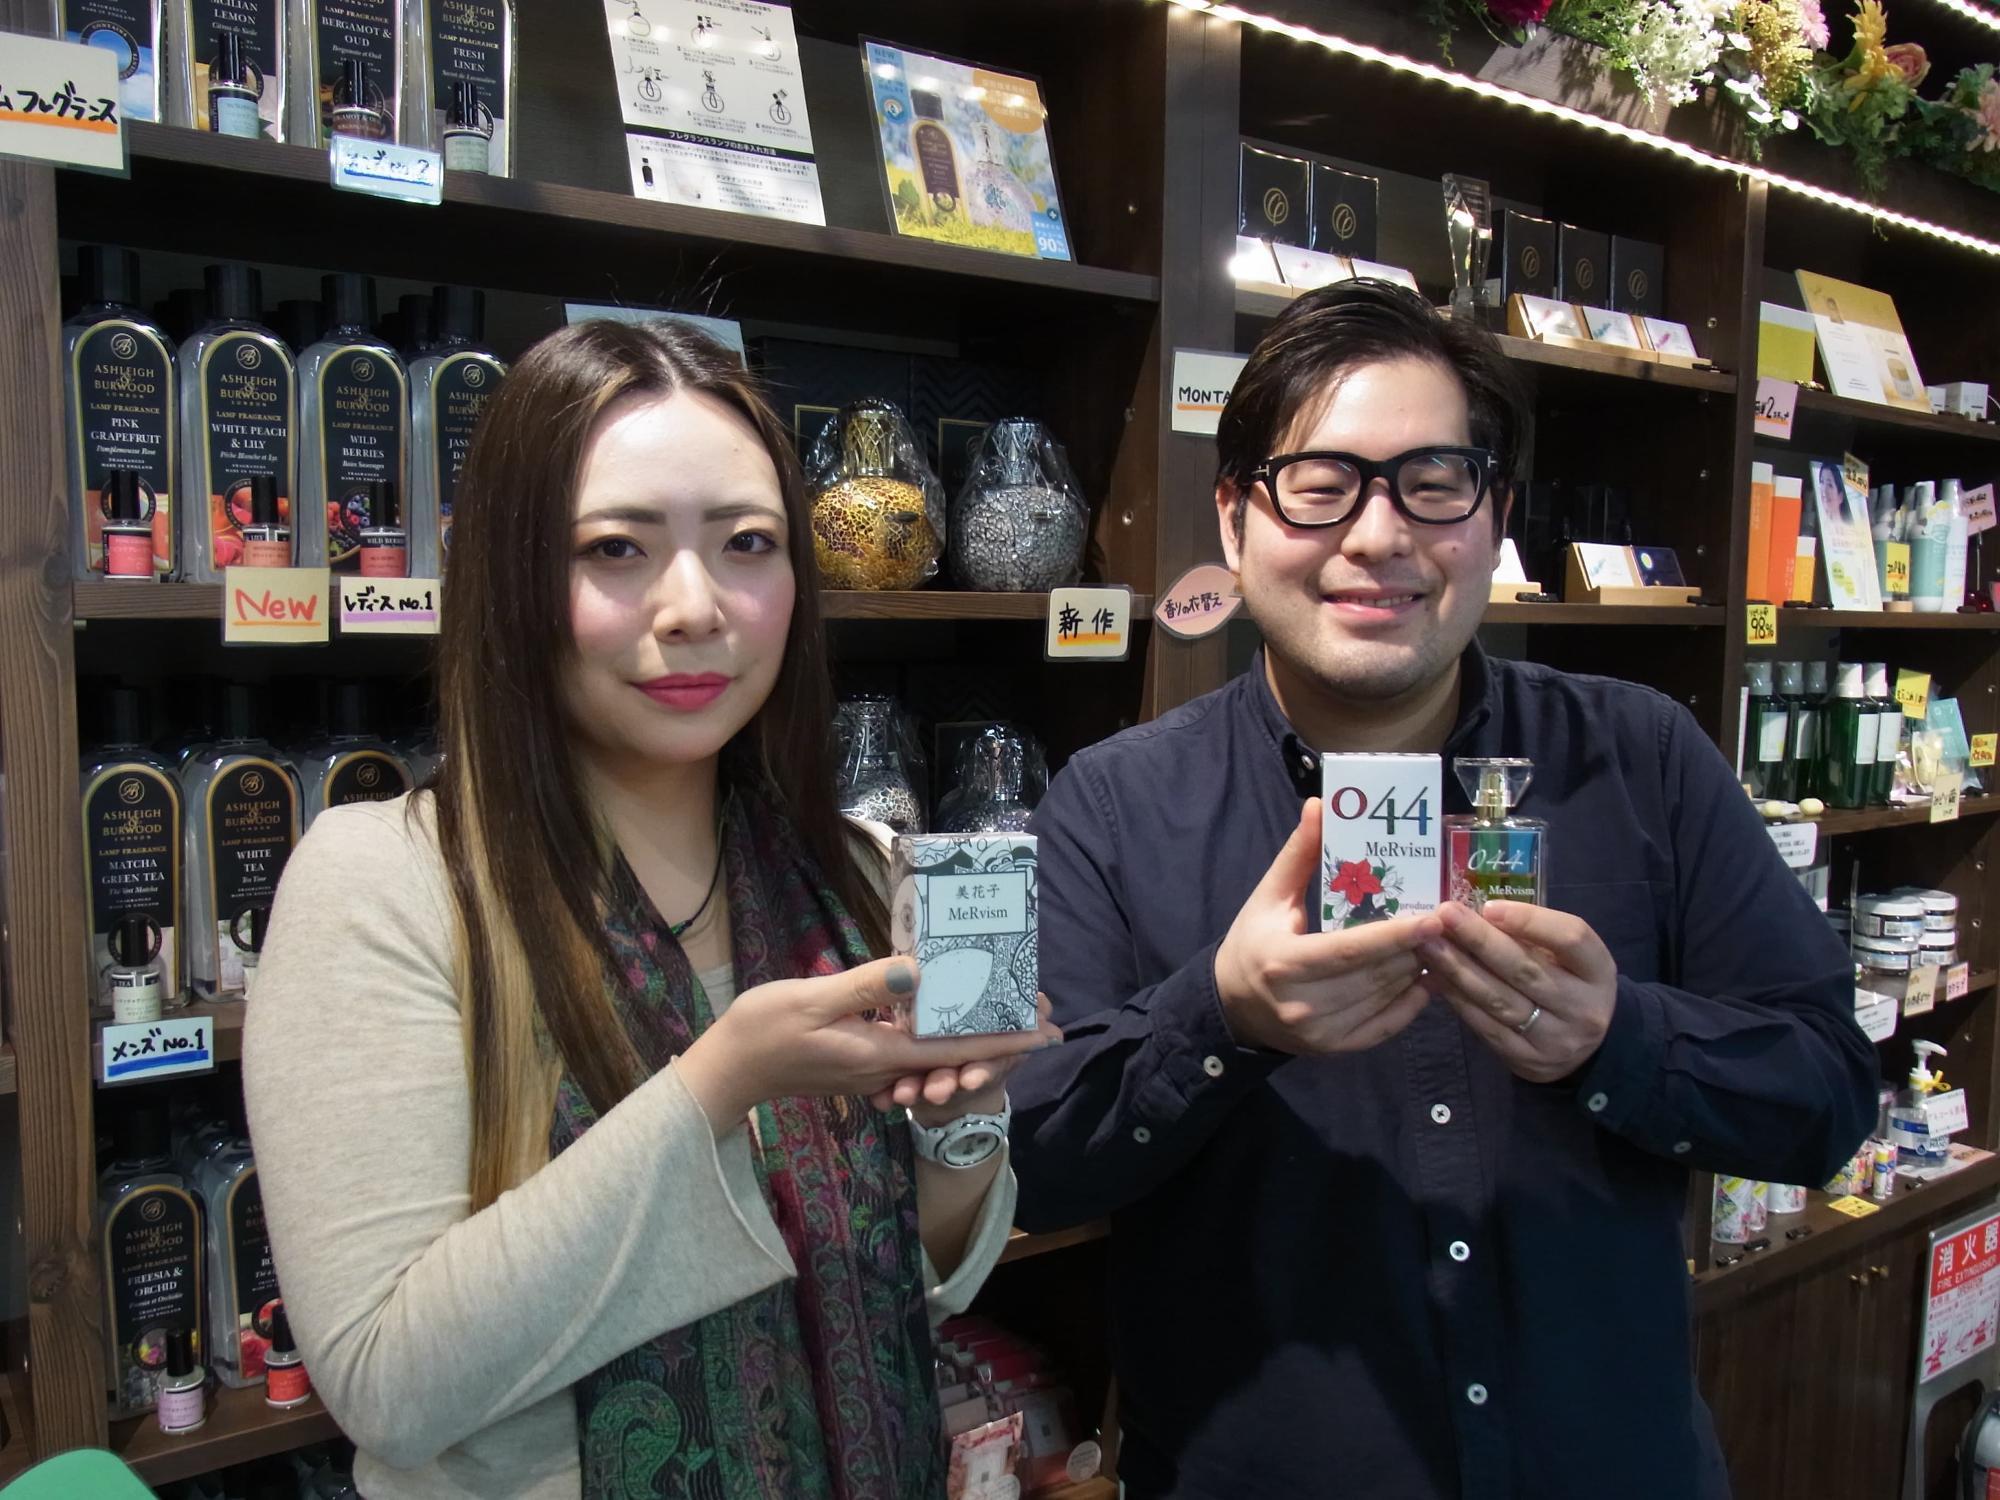 オリジナルフレグランスの「美花子」(左)、川崎をイメージしたフレグランス「044」(右)